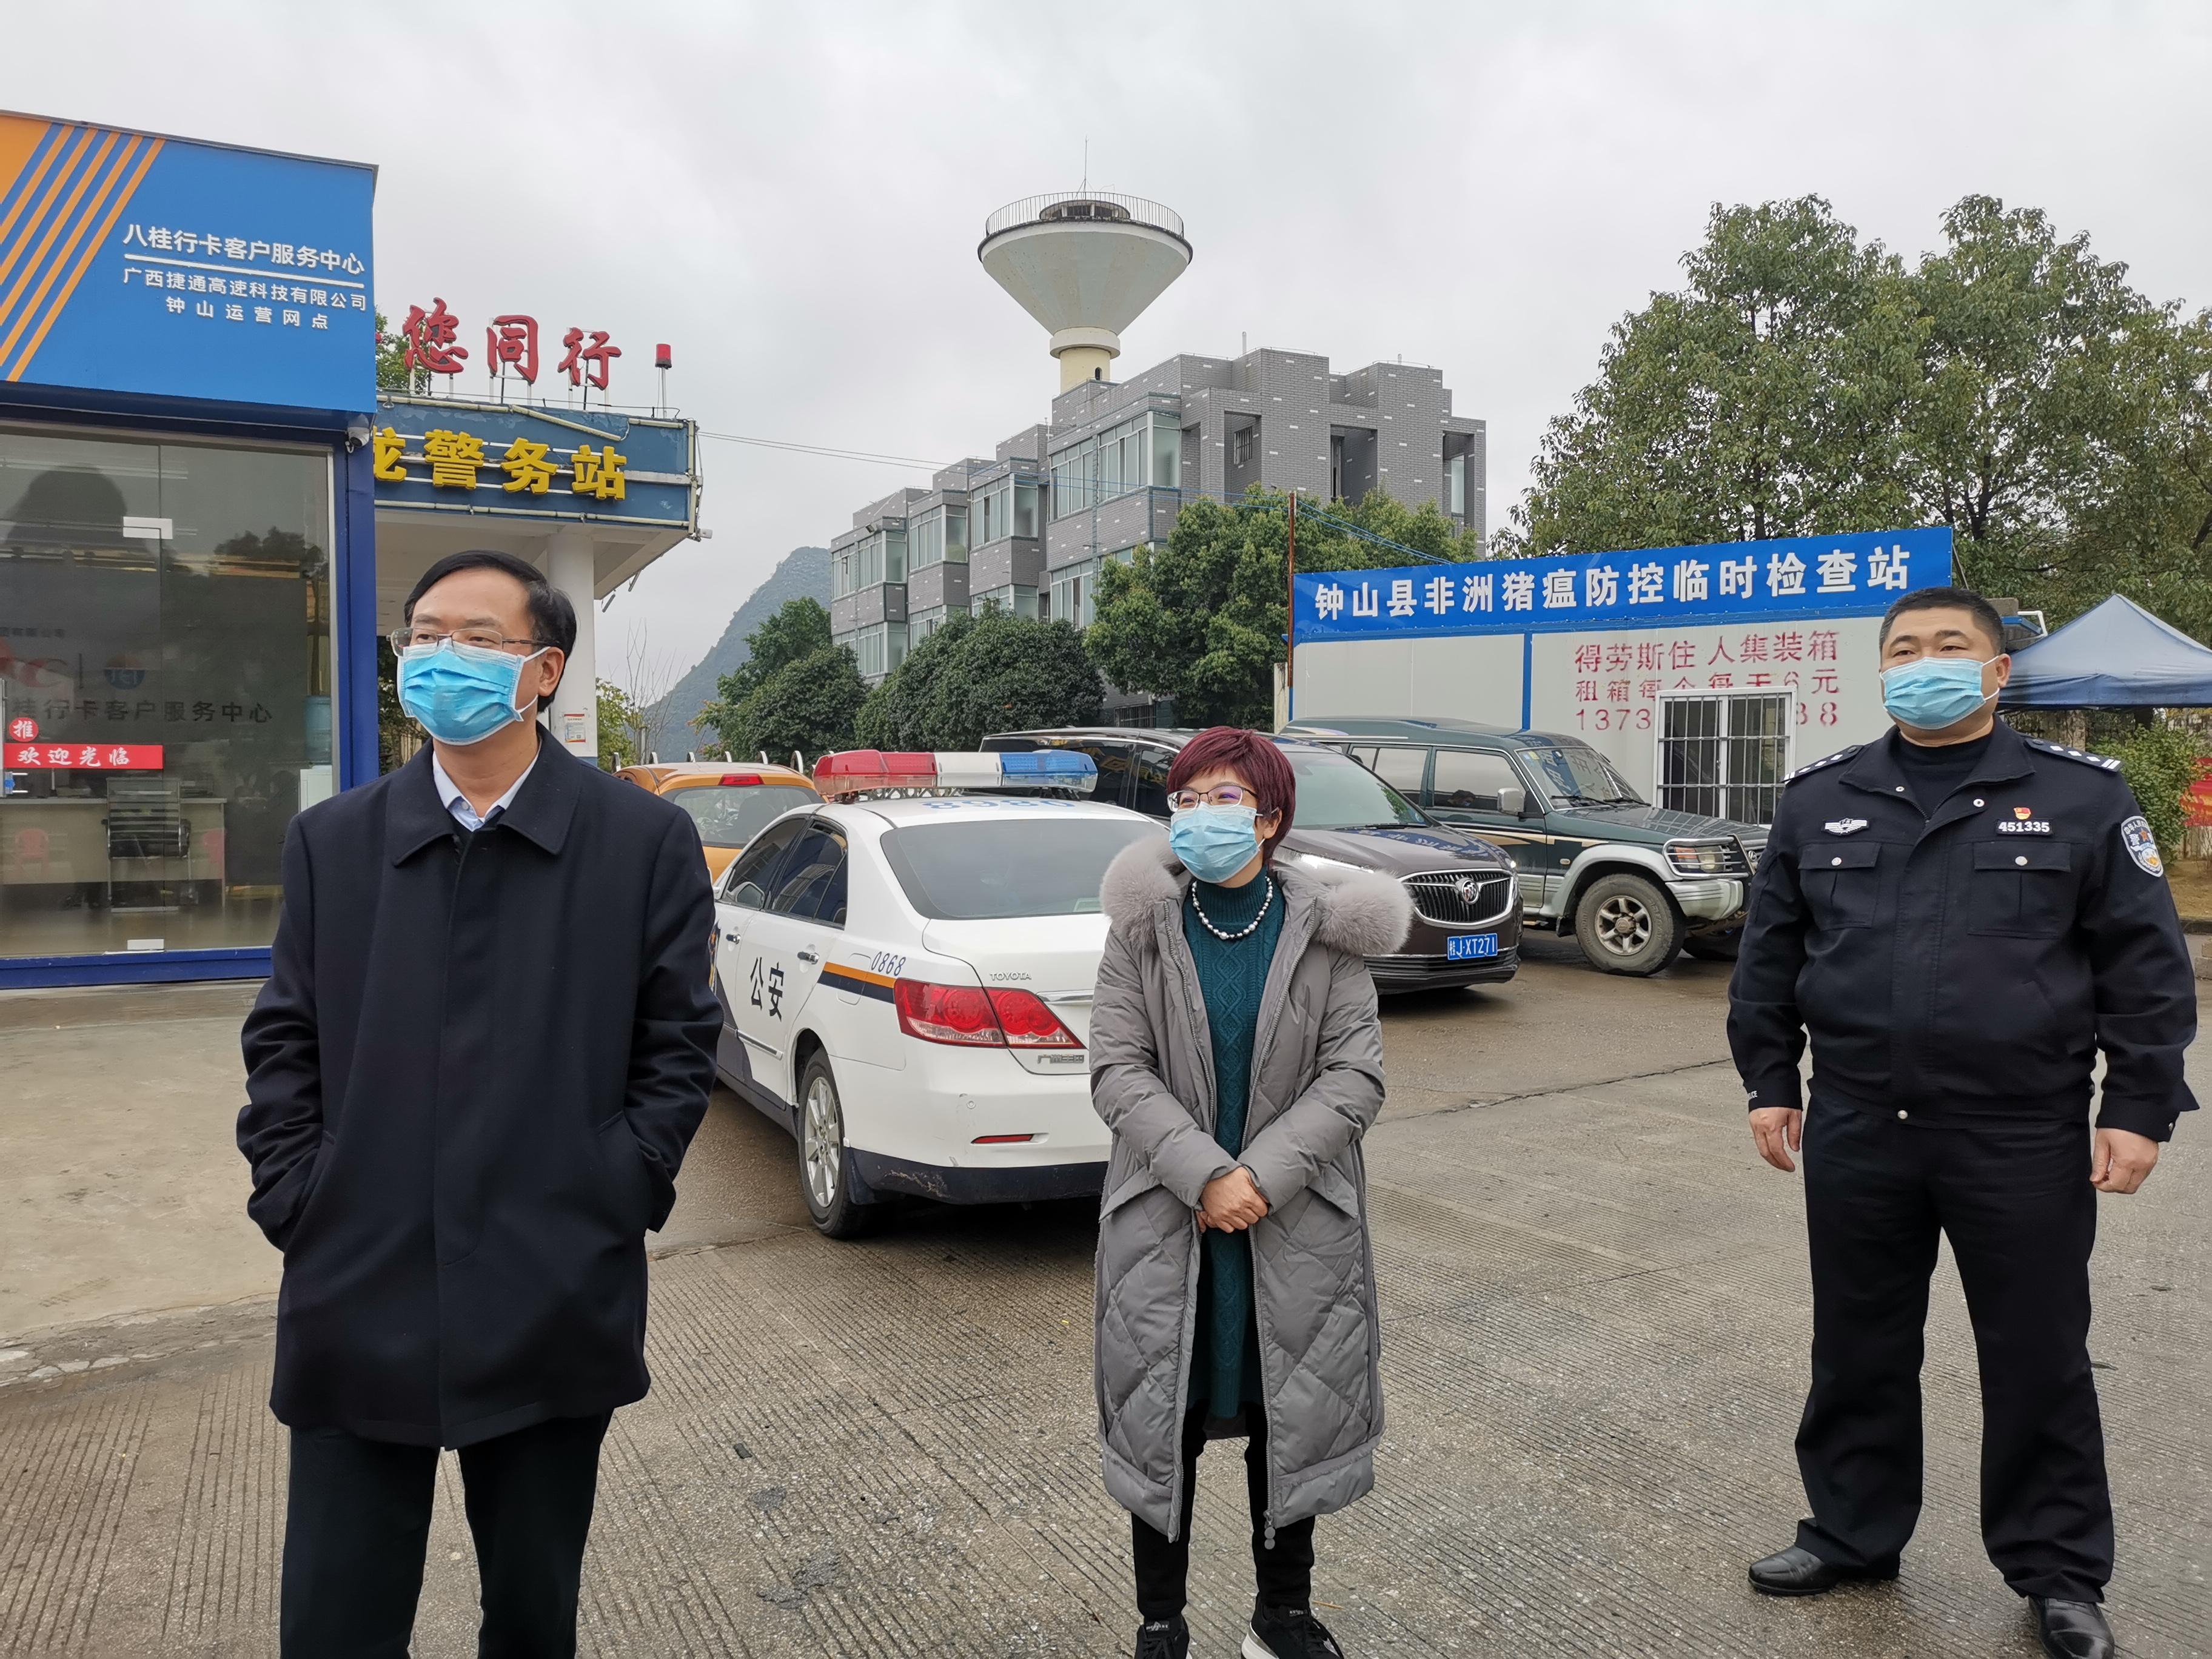 唐先程、陈书莹到高速公路各出站口检查疫情防控工作